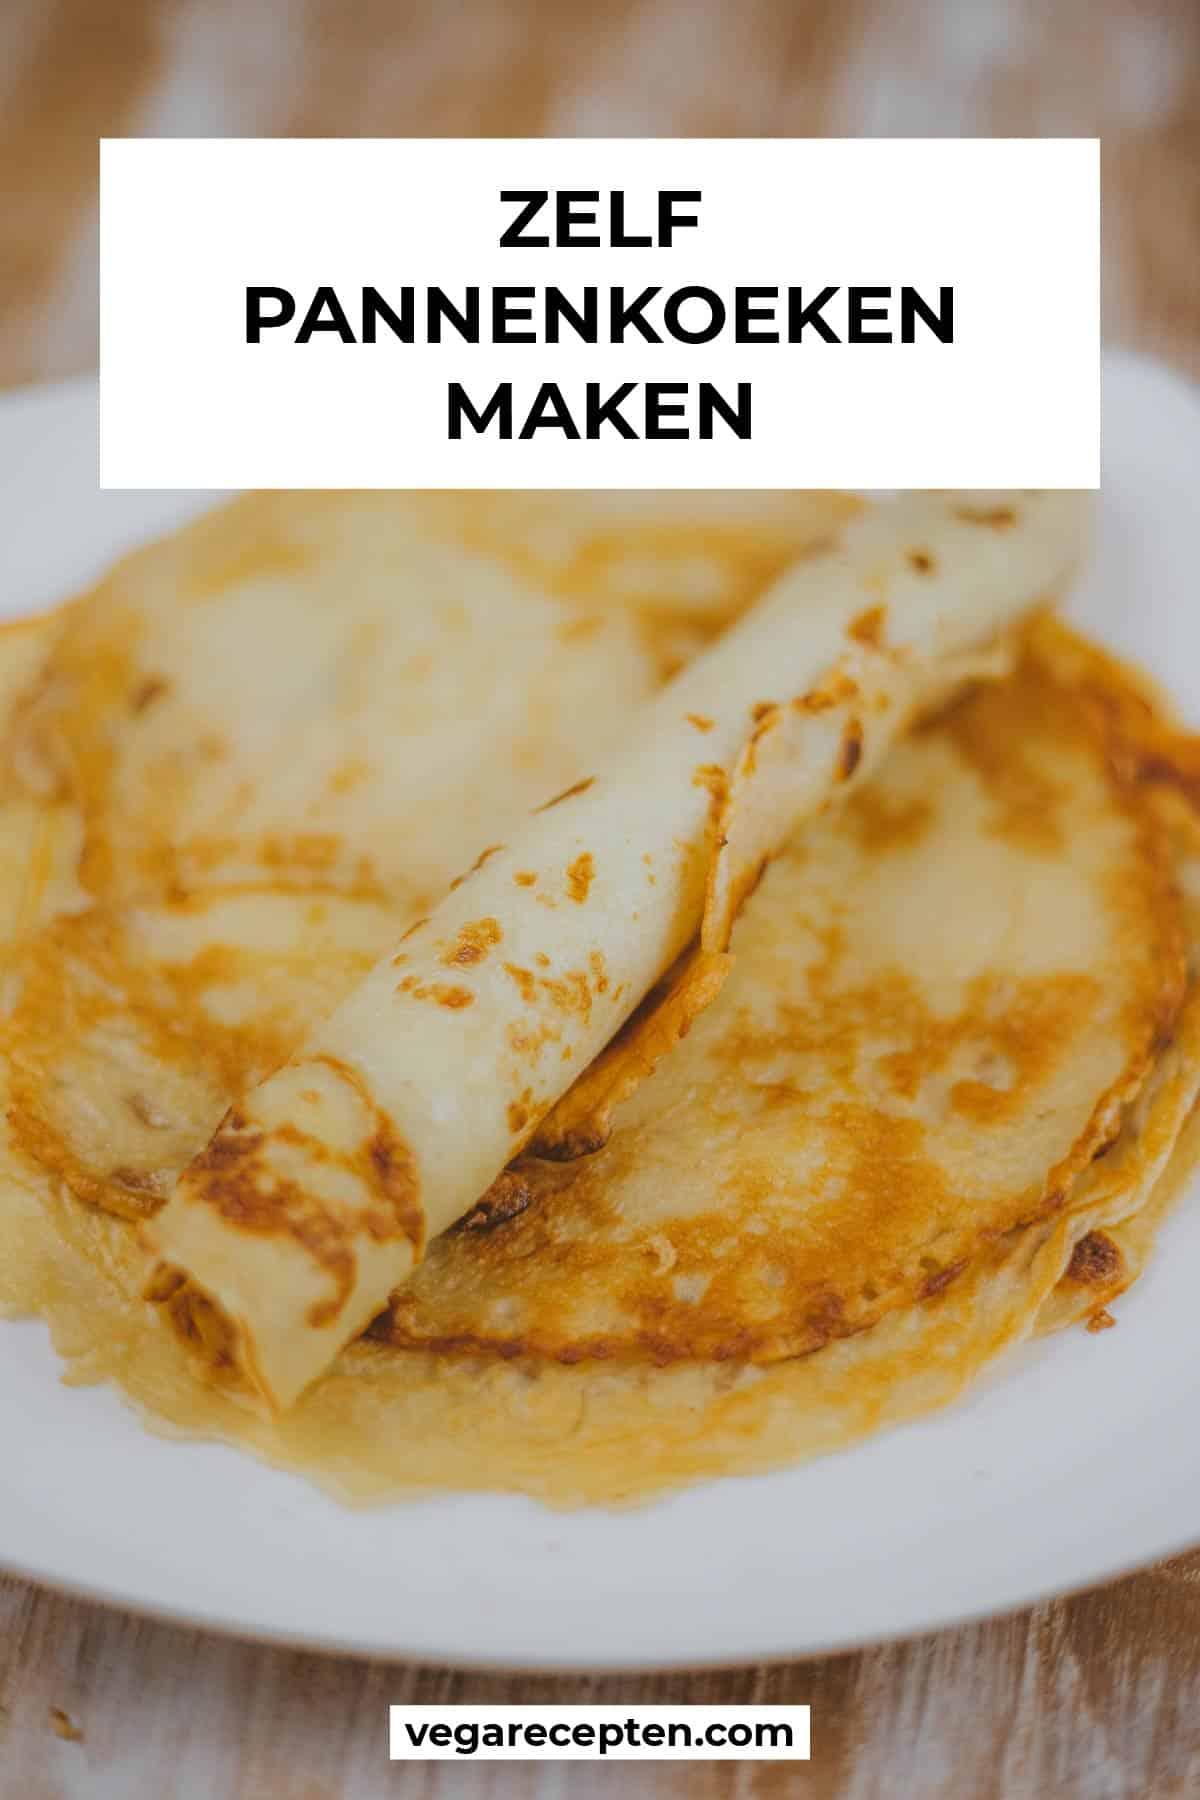 zelf pannenkoeken maken recept